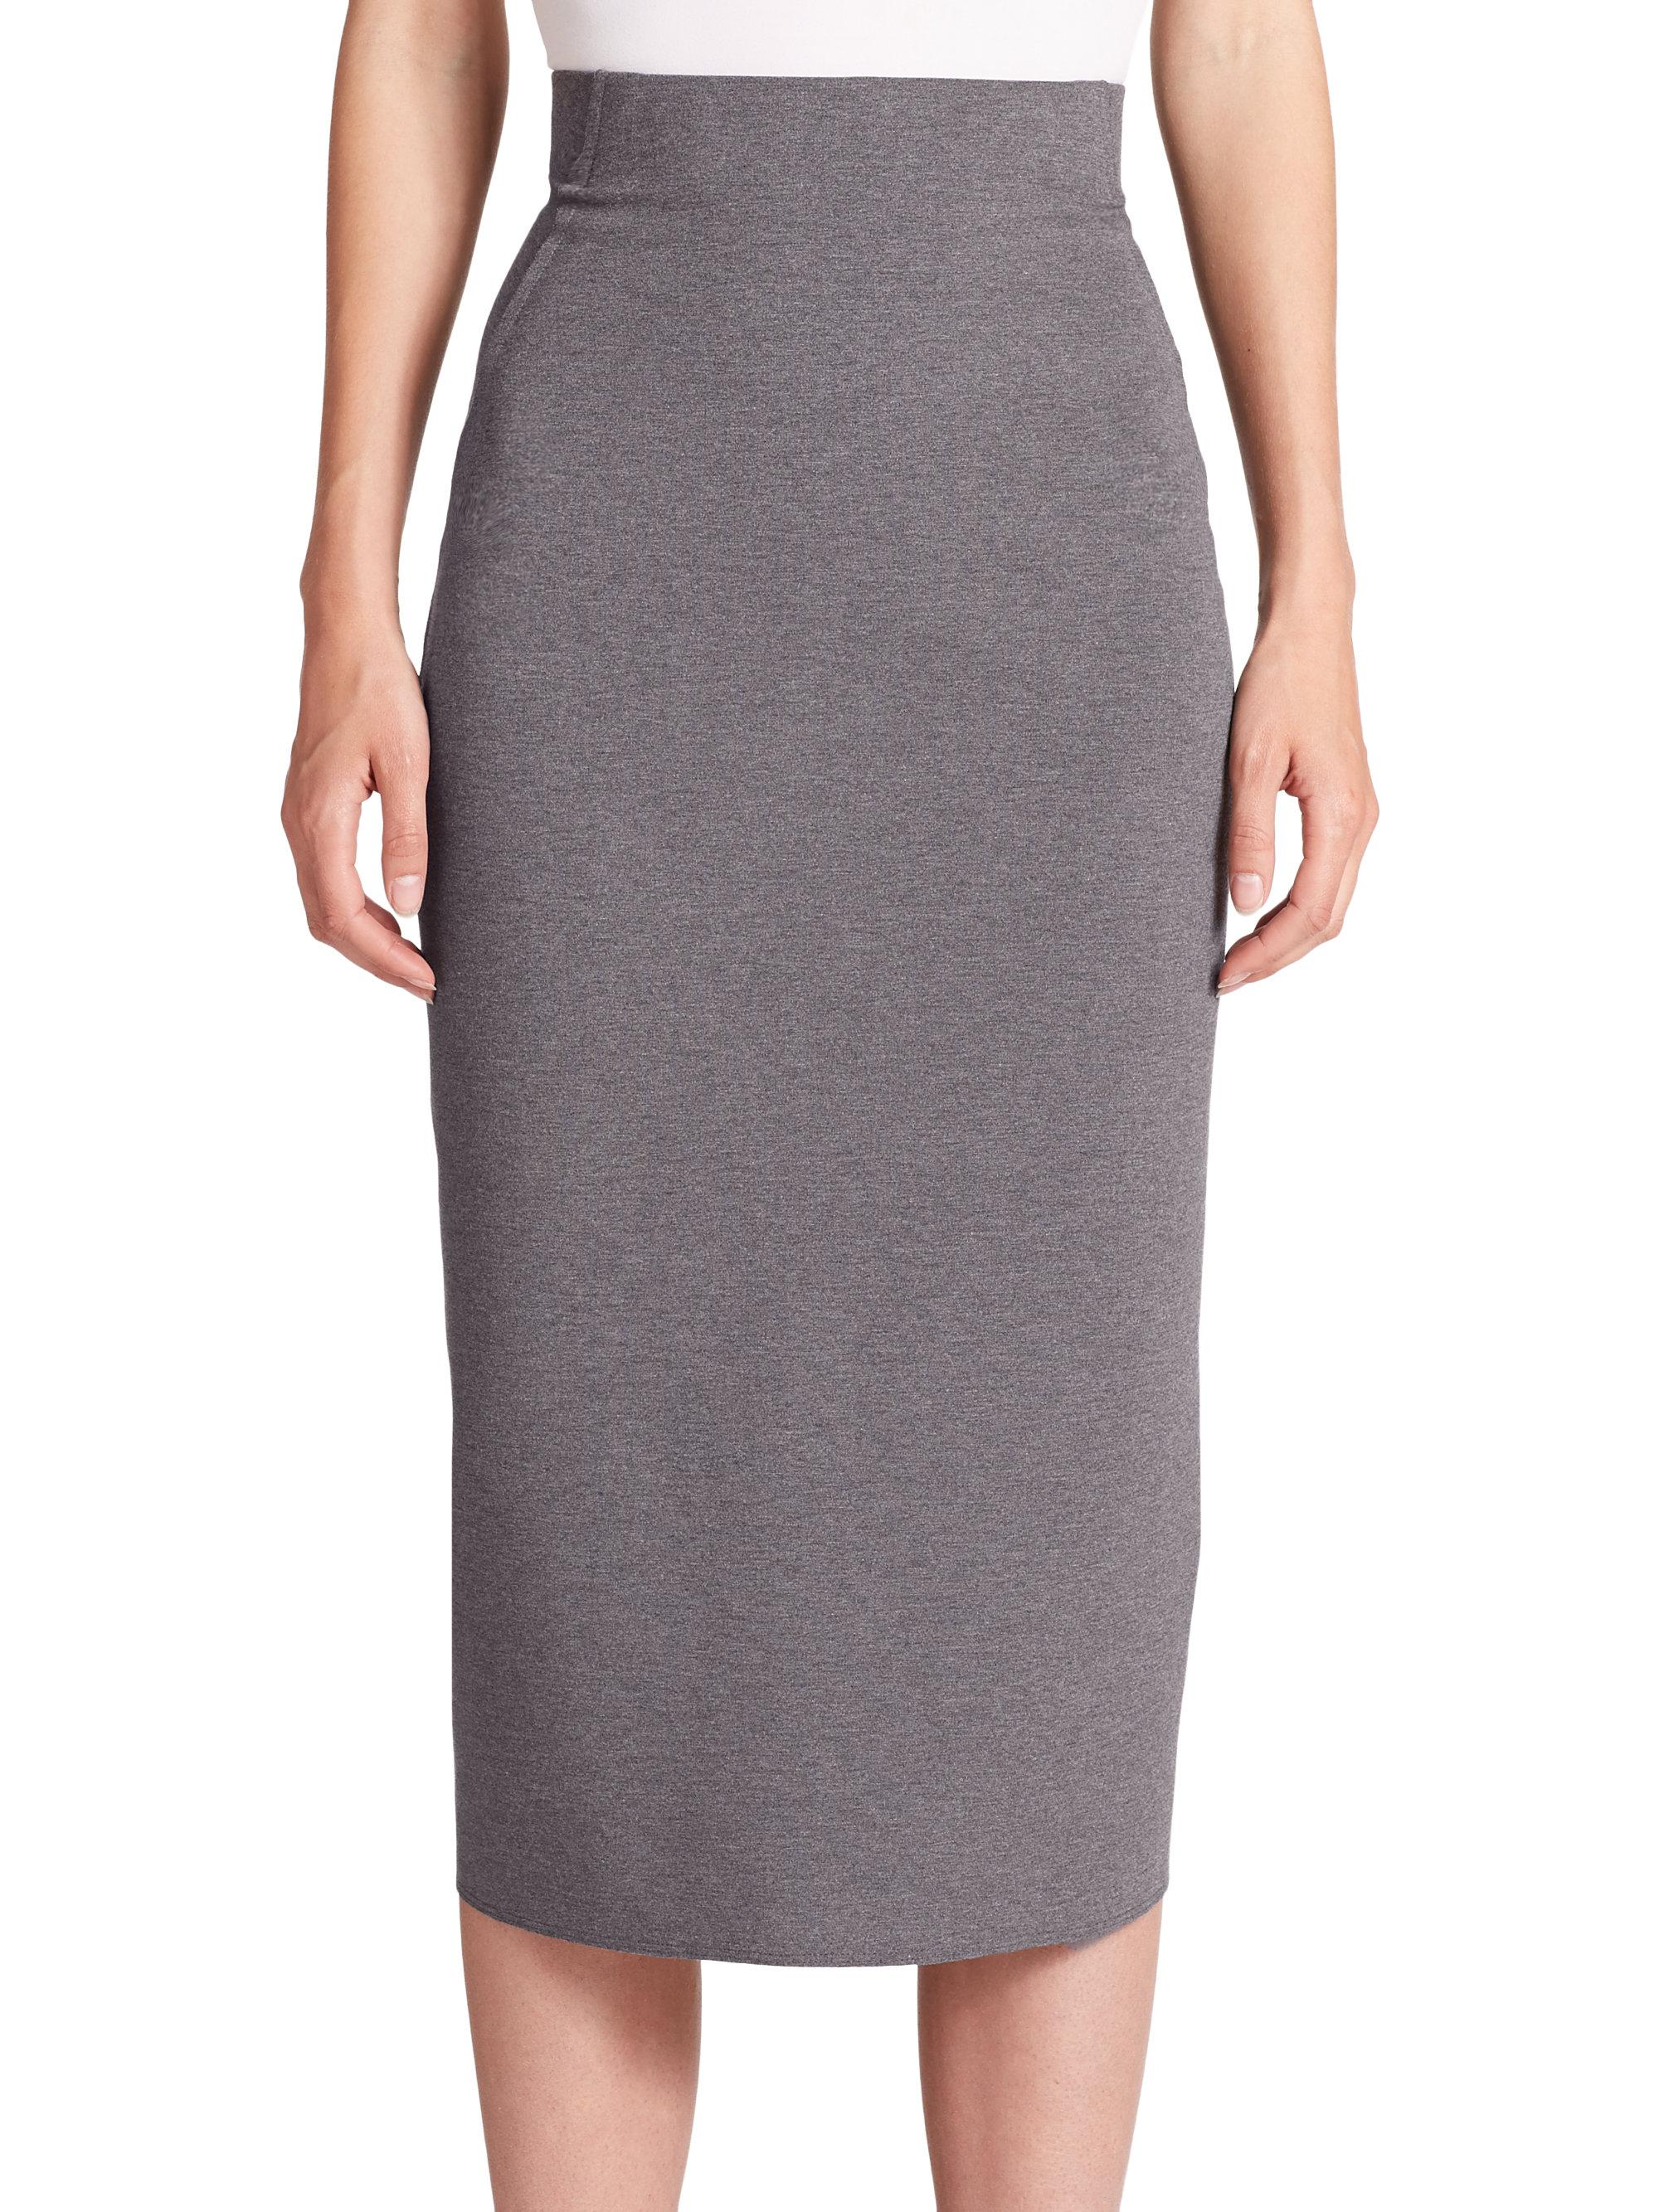 Donna karan Jersey High-waist Pencil Skirt in Gray | Lyst